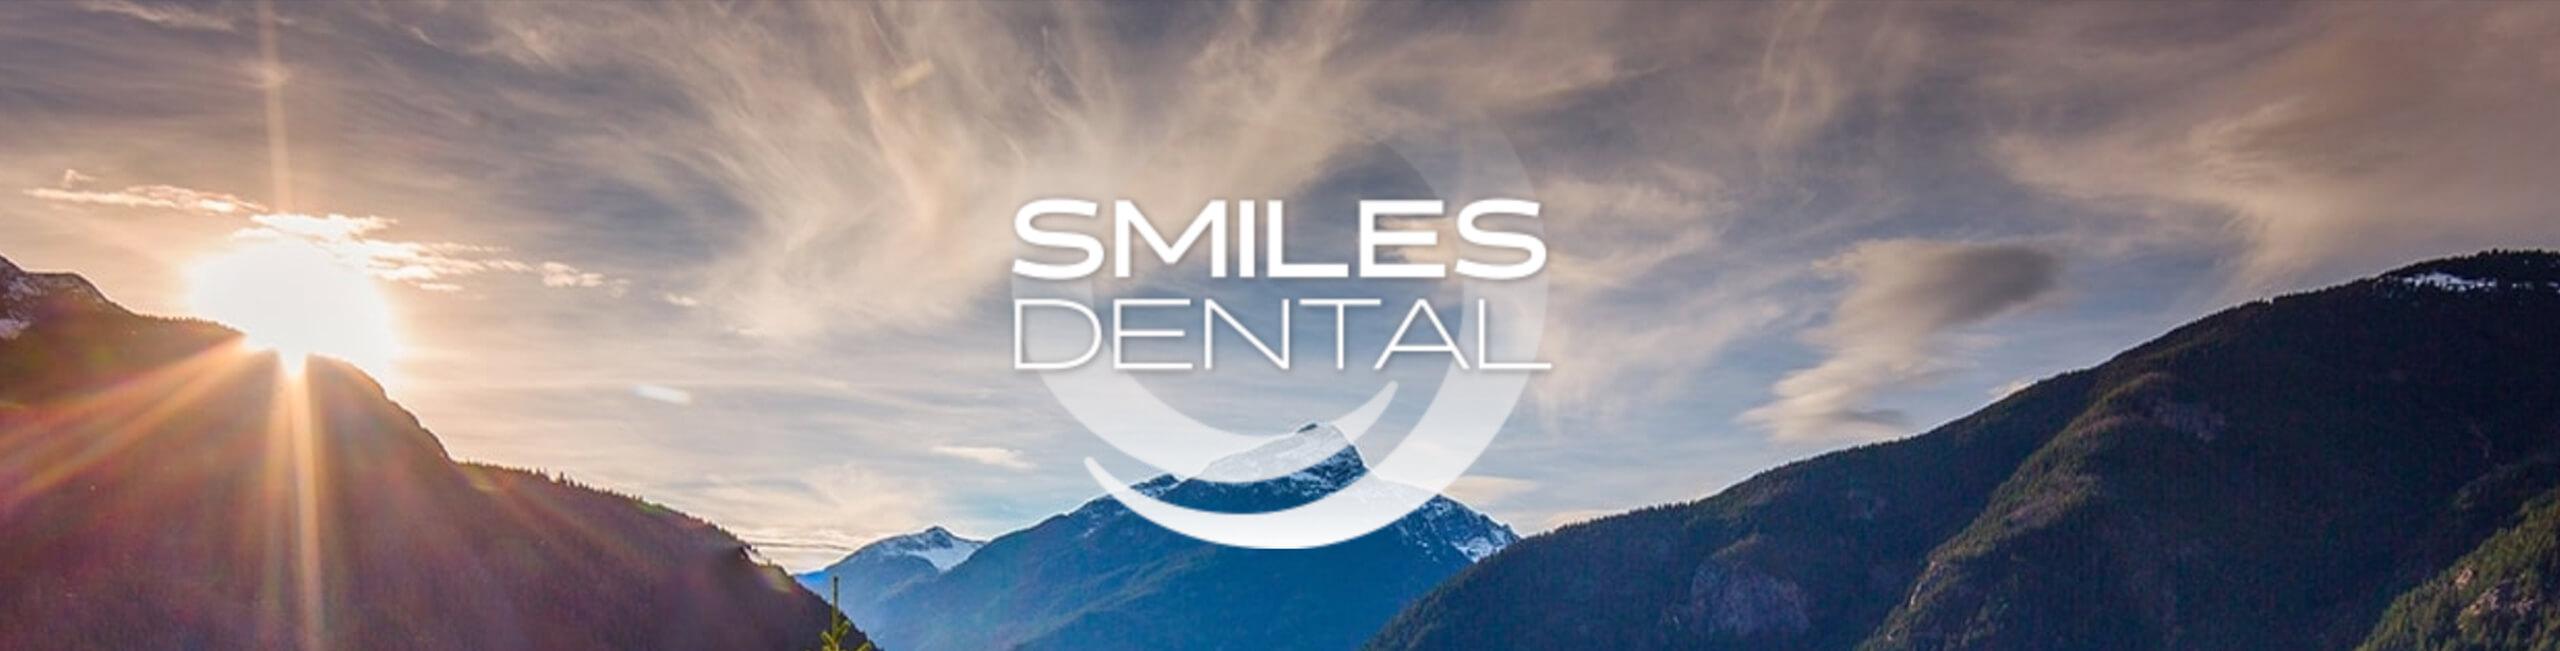 Smiles Dental - Dental Office in the PNW - Header